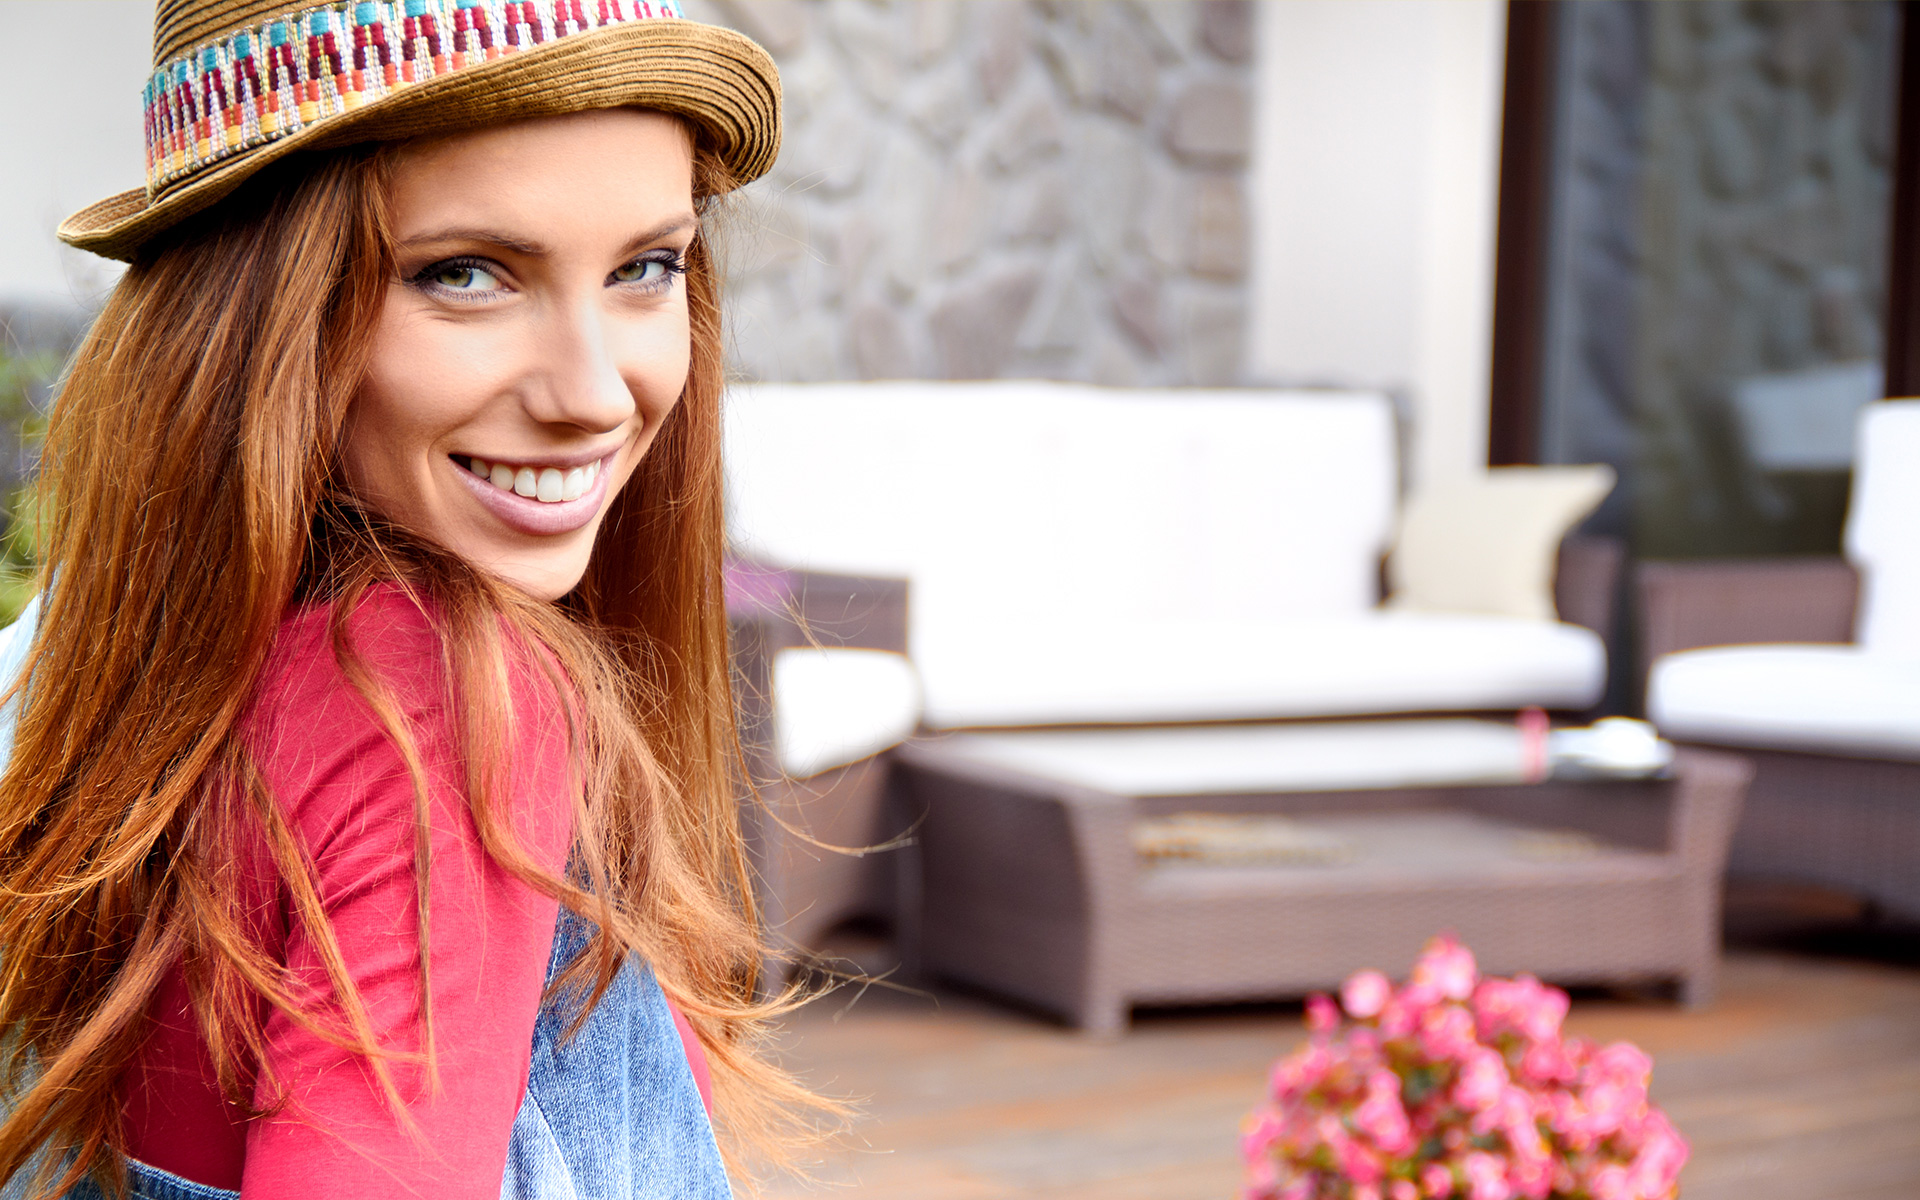 donna con maglia rossa e cappello di pagli